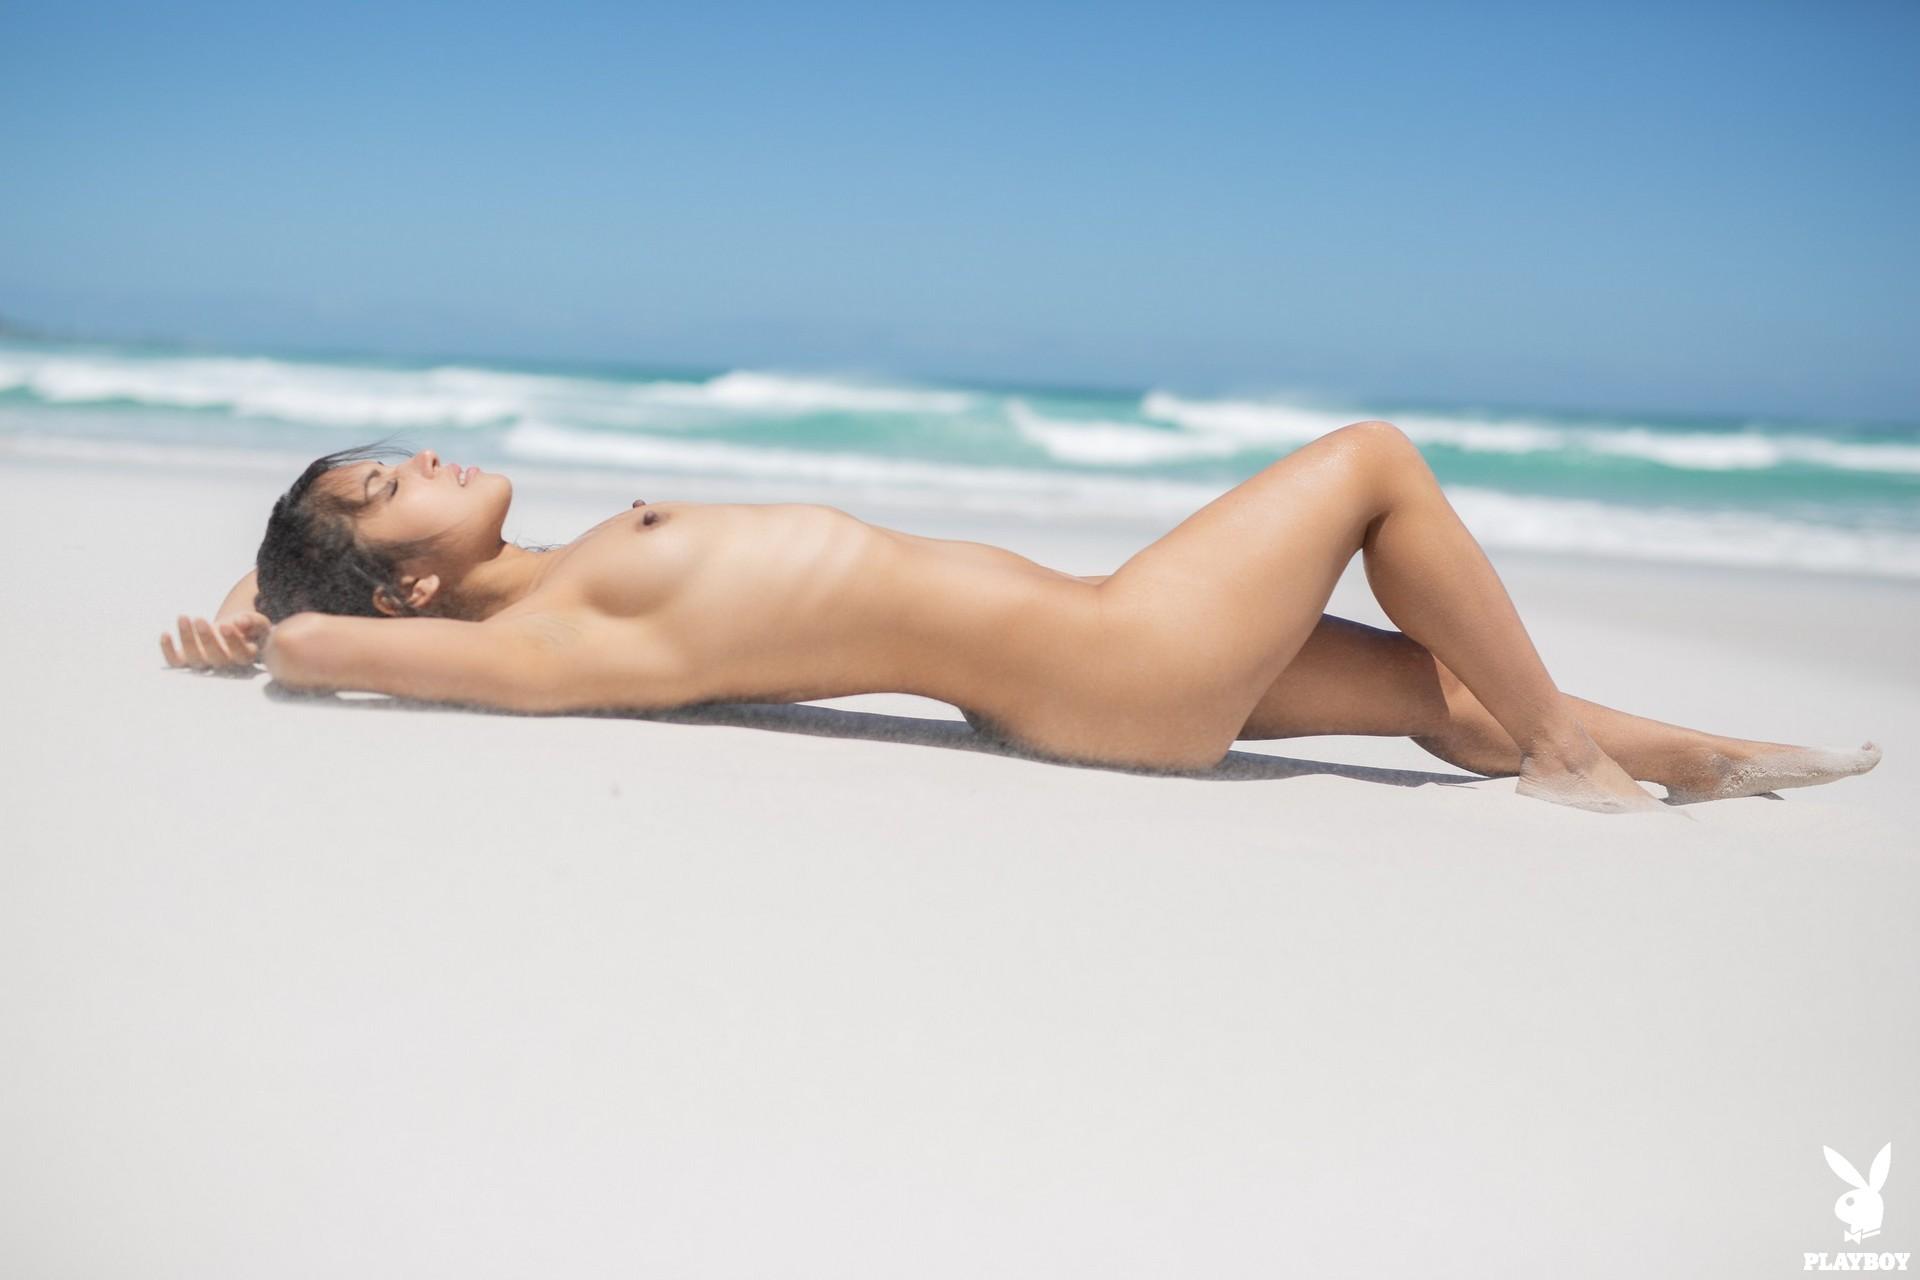 Chloe Rose in Windswept - Playboy Plus 10